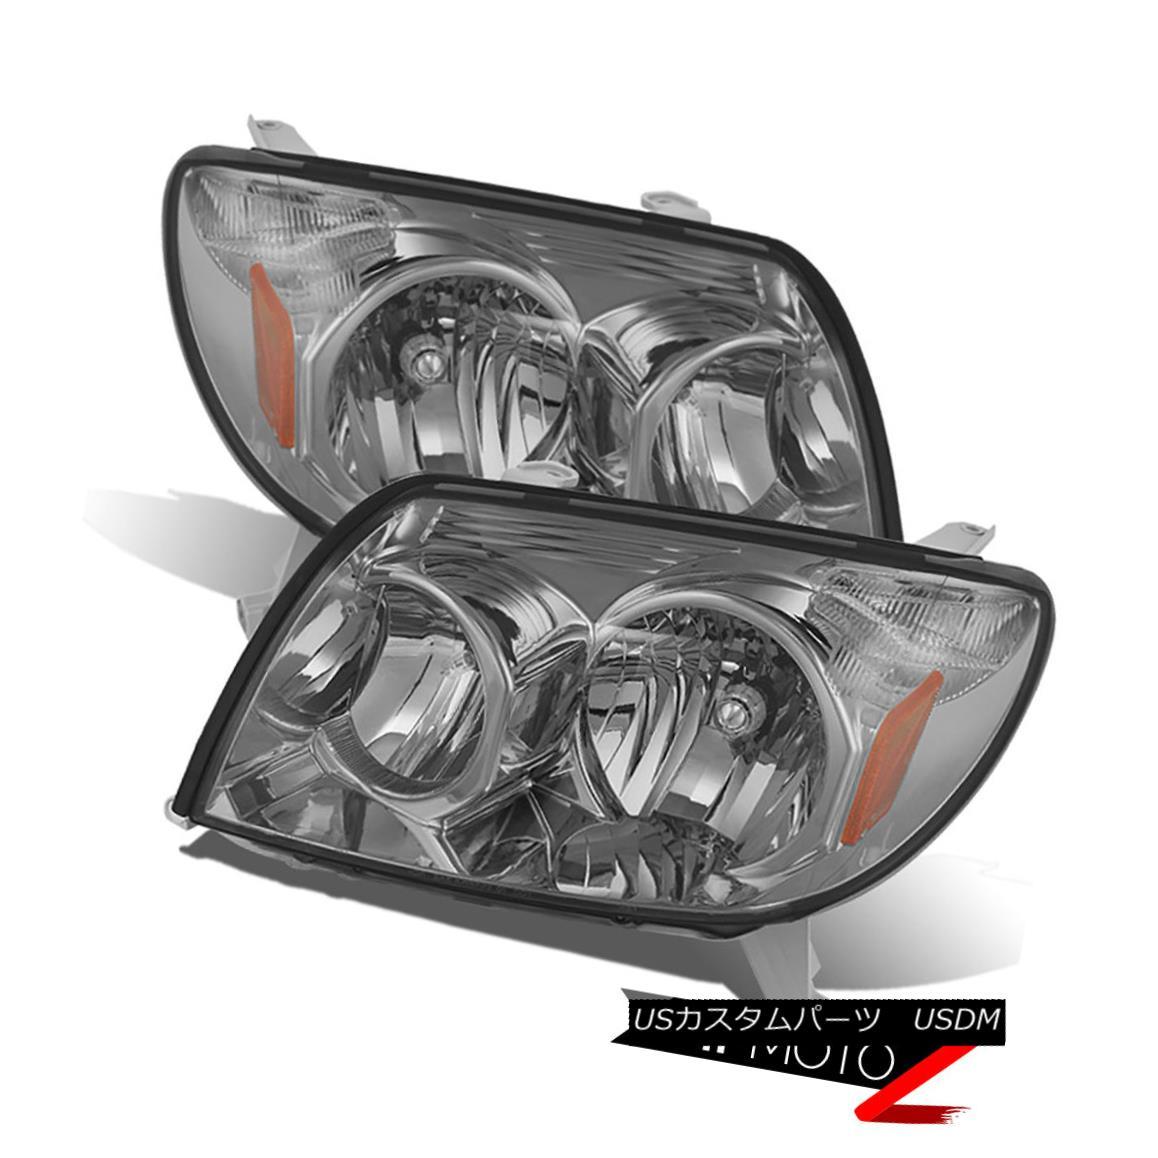 ヘッドライト 2003-2005 Toyota 4Runner 4 Runner SMOKE JDM Crystal Headlight Lamp Assembly PAIR 2003-2005トヨタ4Runner 4ランナーSMOKE JDMクリスタルヘッドライトランプアセンブリペア